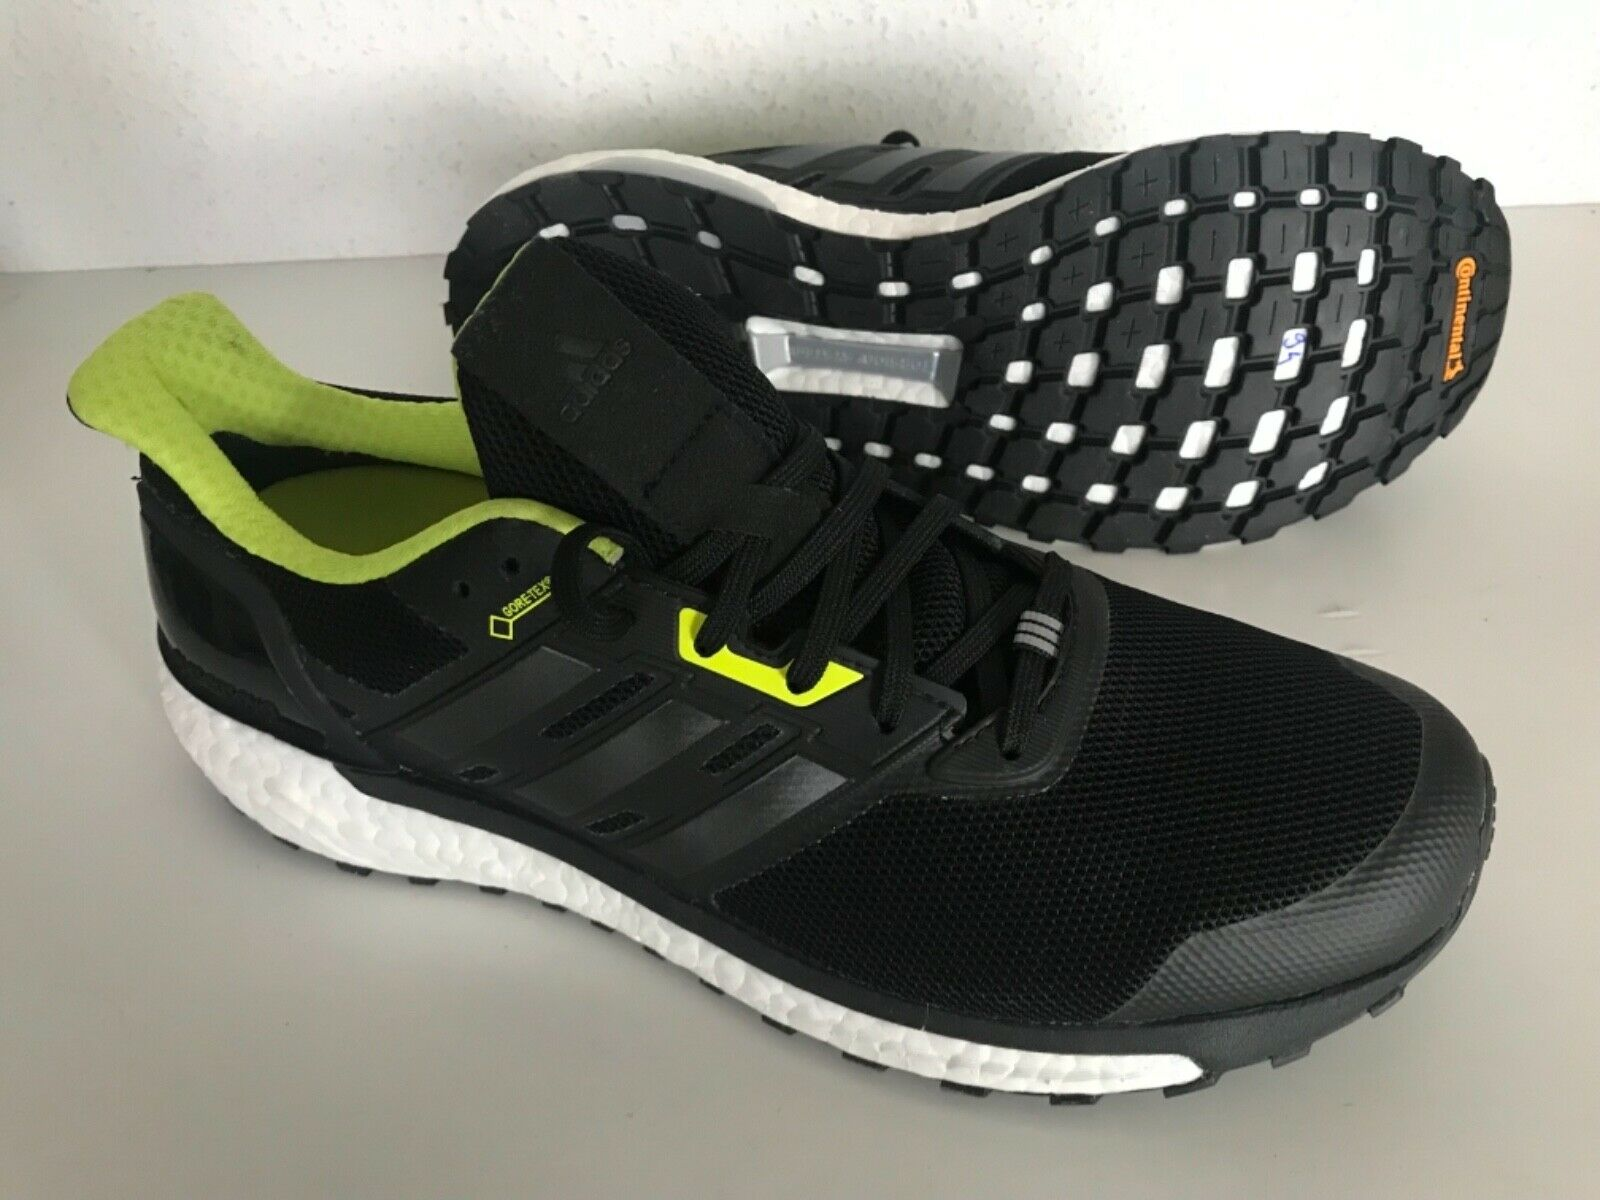 Nuevo ADIDAS SUPERNOVA GTX GORE-TEX para hombres zapatos para correr US 9.5 BB3669